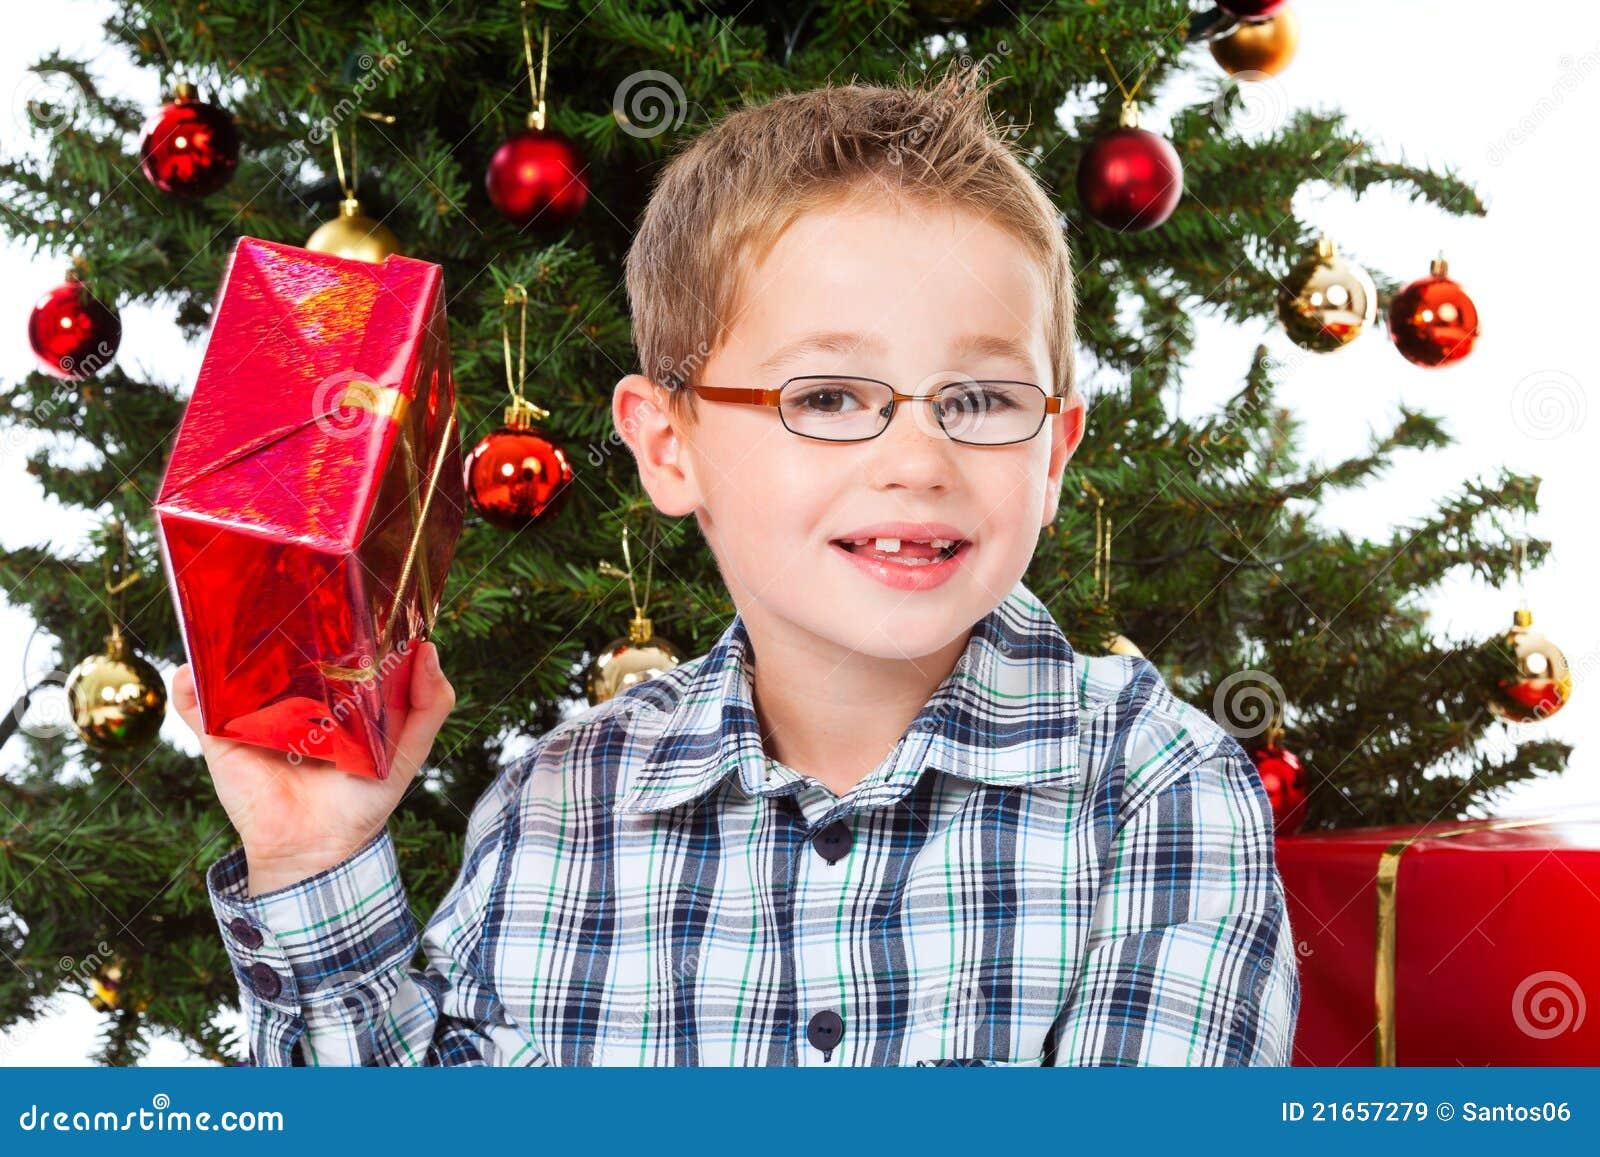 Shaking christmas present